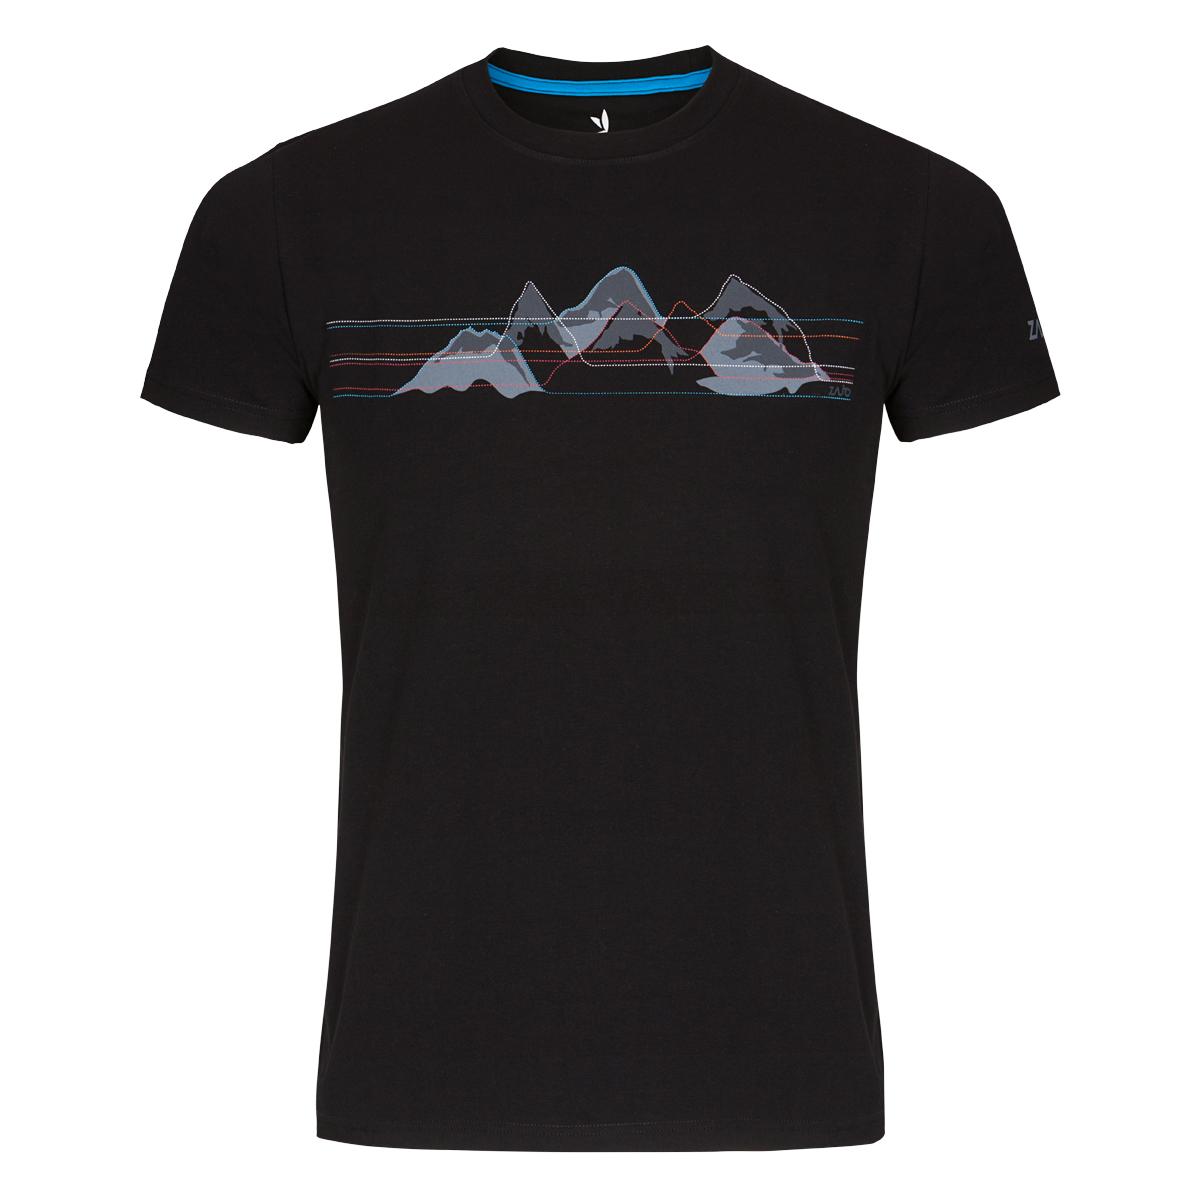 Pánske tričko ZAJO Bormio Black Mountains SS - veľkosť S